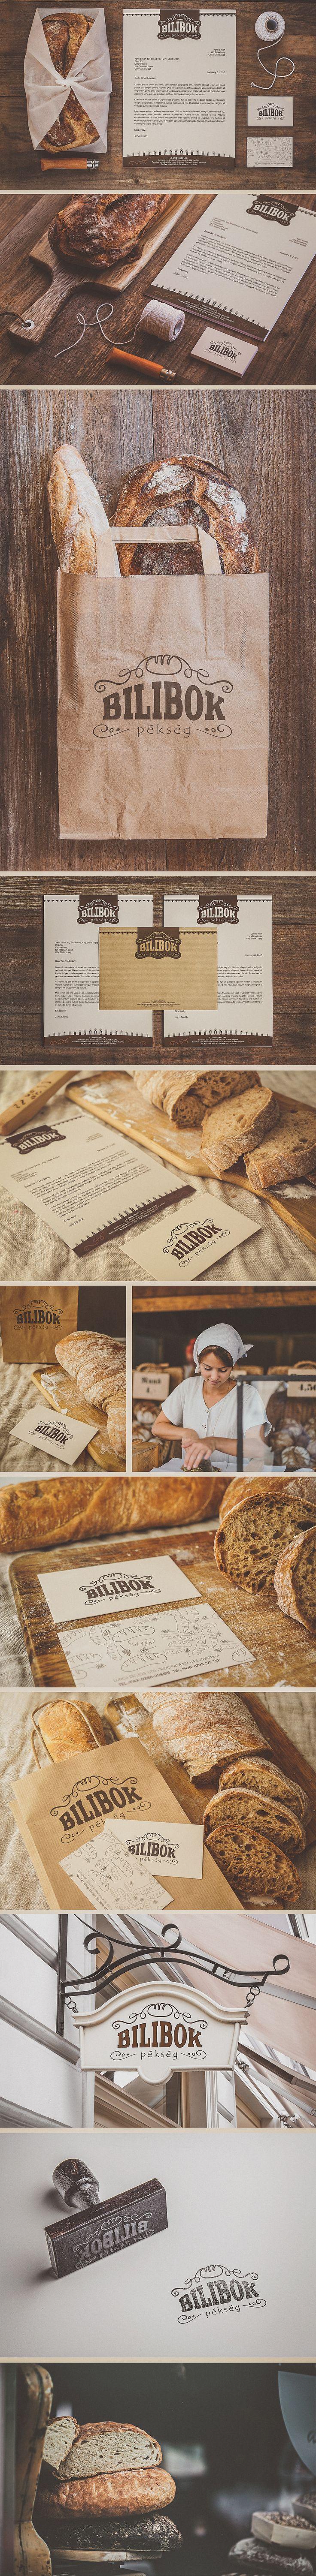 Bilibok Bakery Branding on Behance                                                                                                                                                                                 More